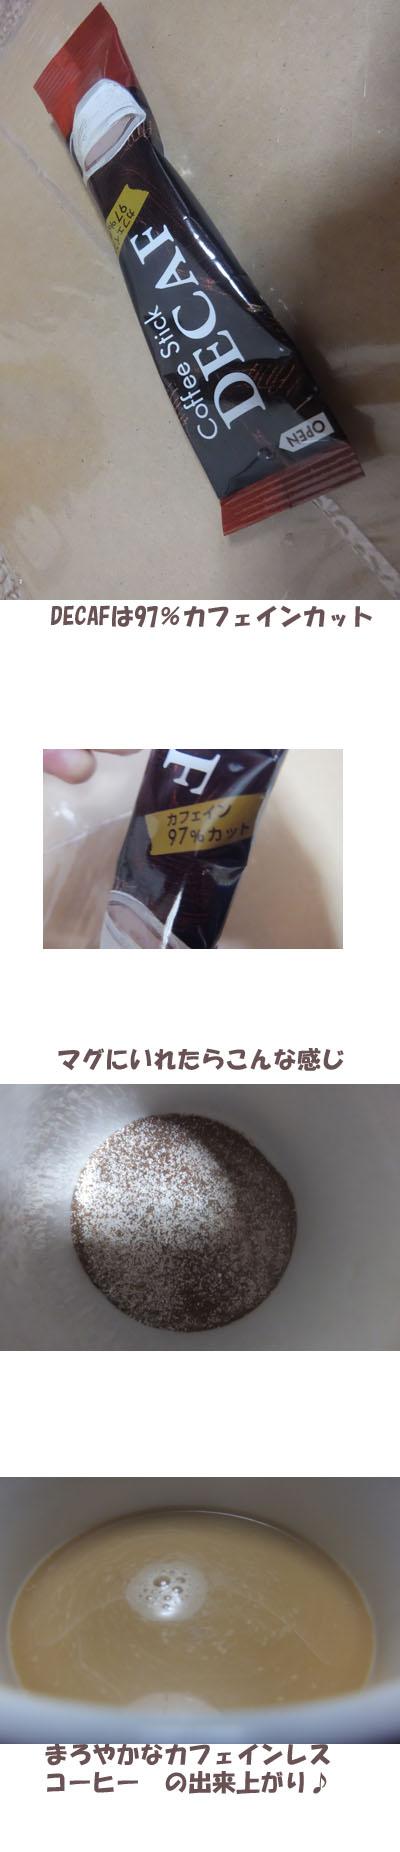 DSCF4072.jpg